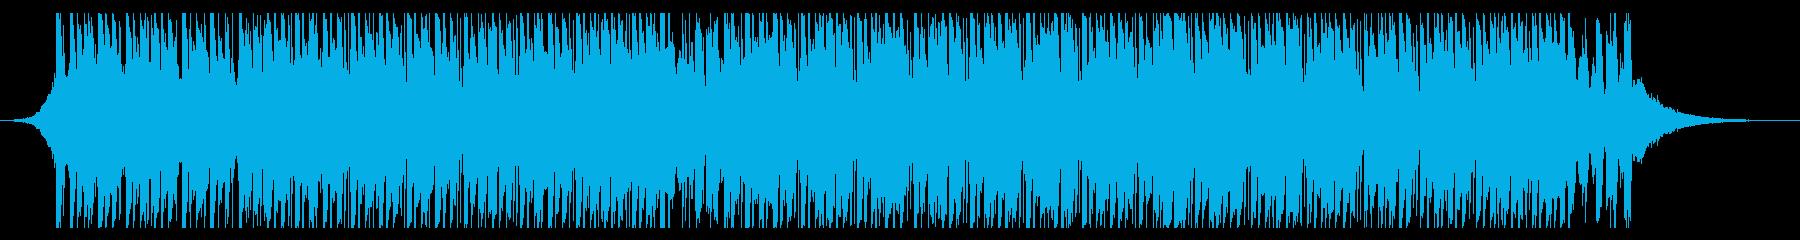 ダンス(60秒)の再生済みの波形